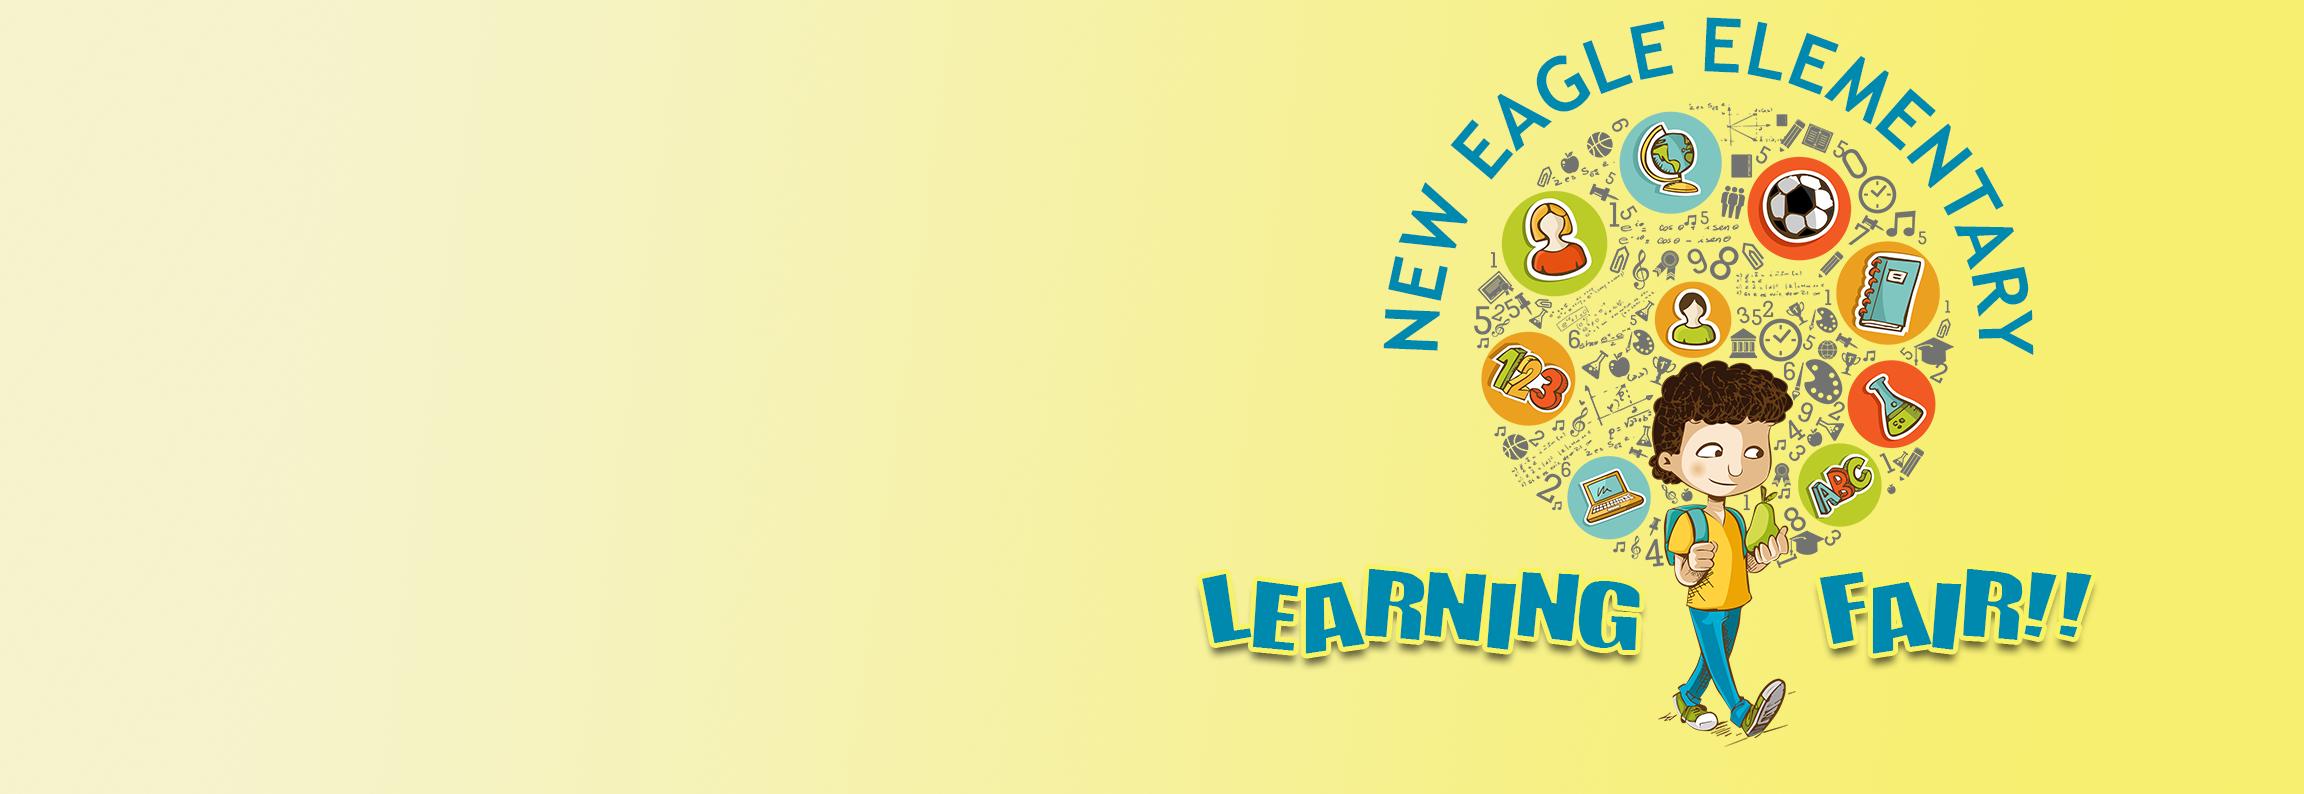 slider-learning-fair2